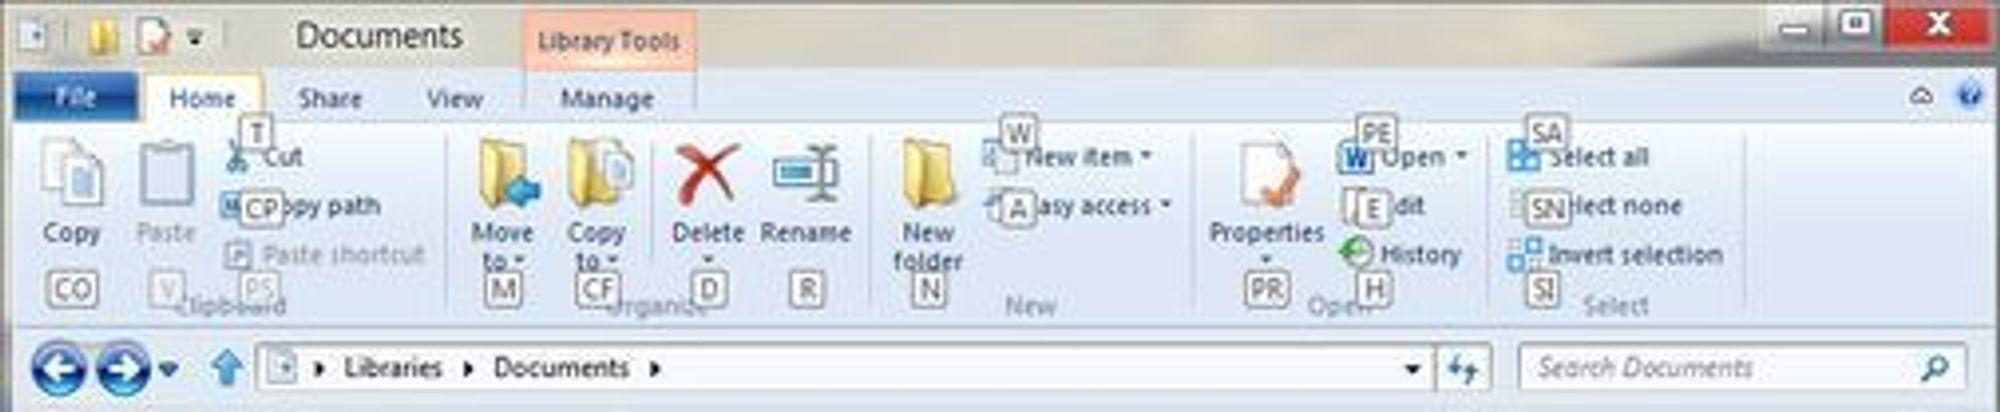 Home-fanen i Windows 8-utgaven av Explorer. Her vises også de tilknyttede tastatursnarveiene.